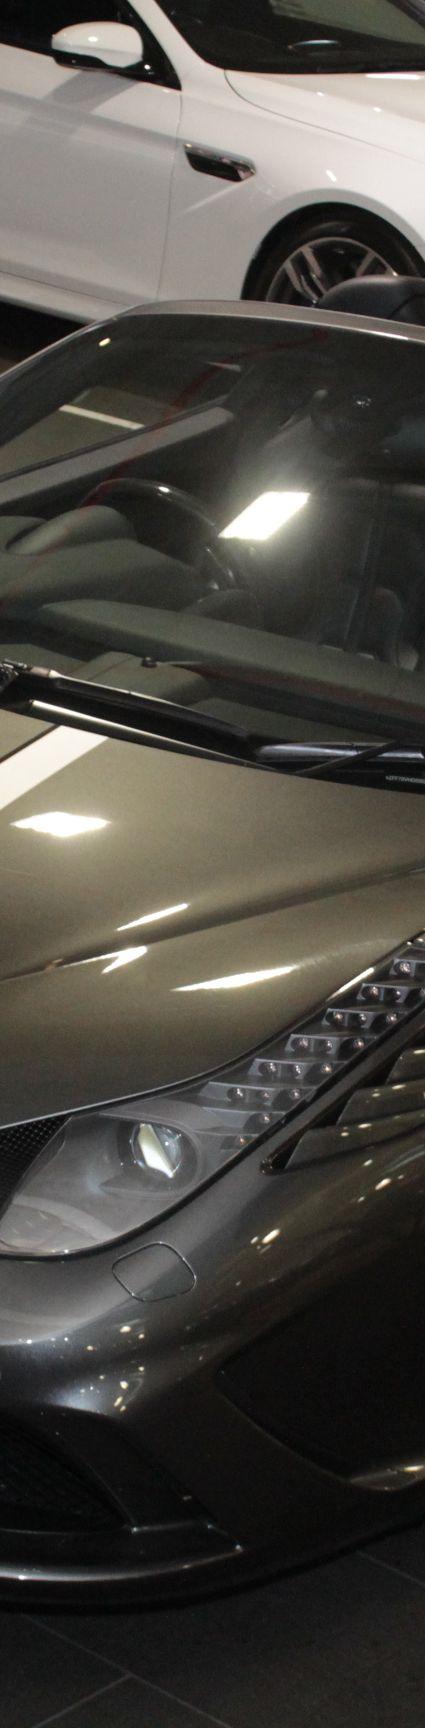 2015 Ferrari 458 Speciale A Spider 2dr DCT 7sp 4.5i in grigio grey for sale located at Dutton Garage 41 Madden Grove Richmond 3121 Melbourne Victoria Australia Make Mine Rare